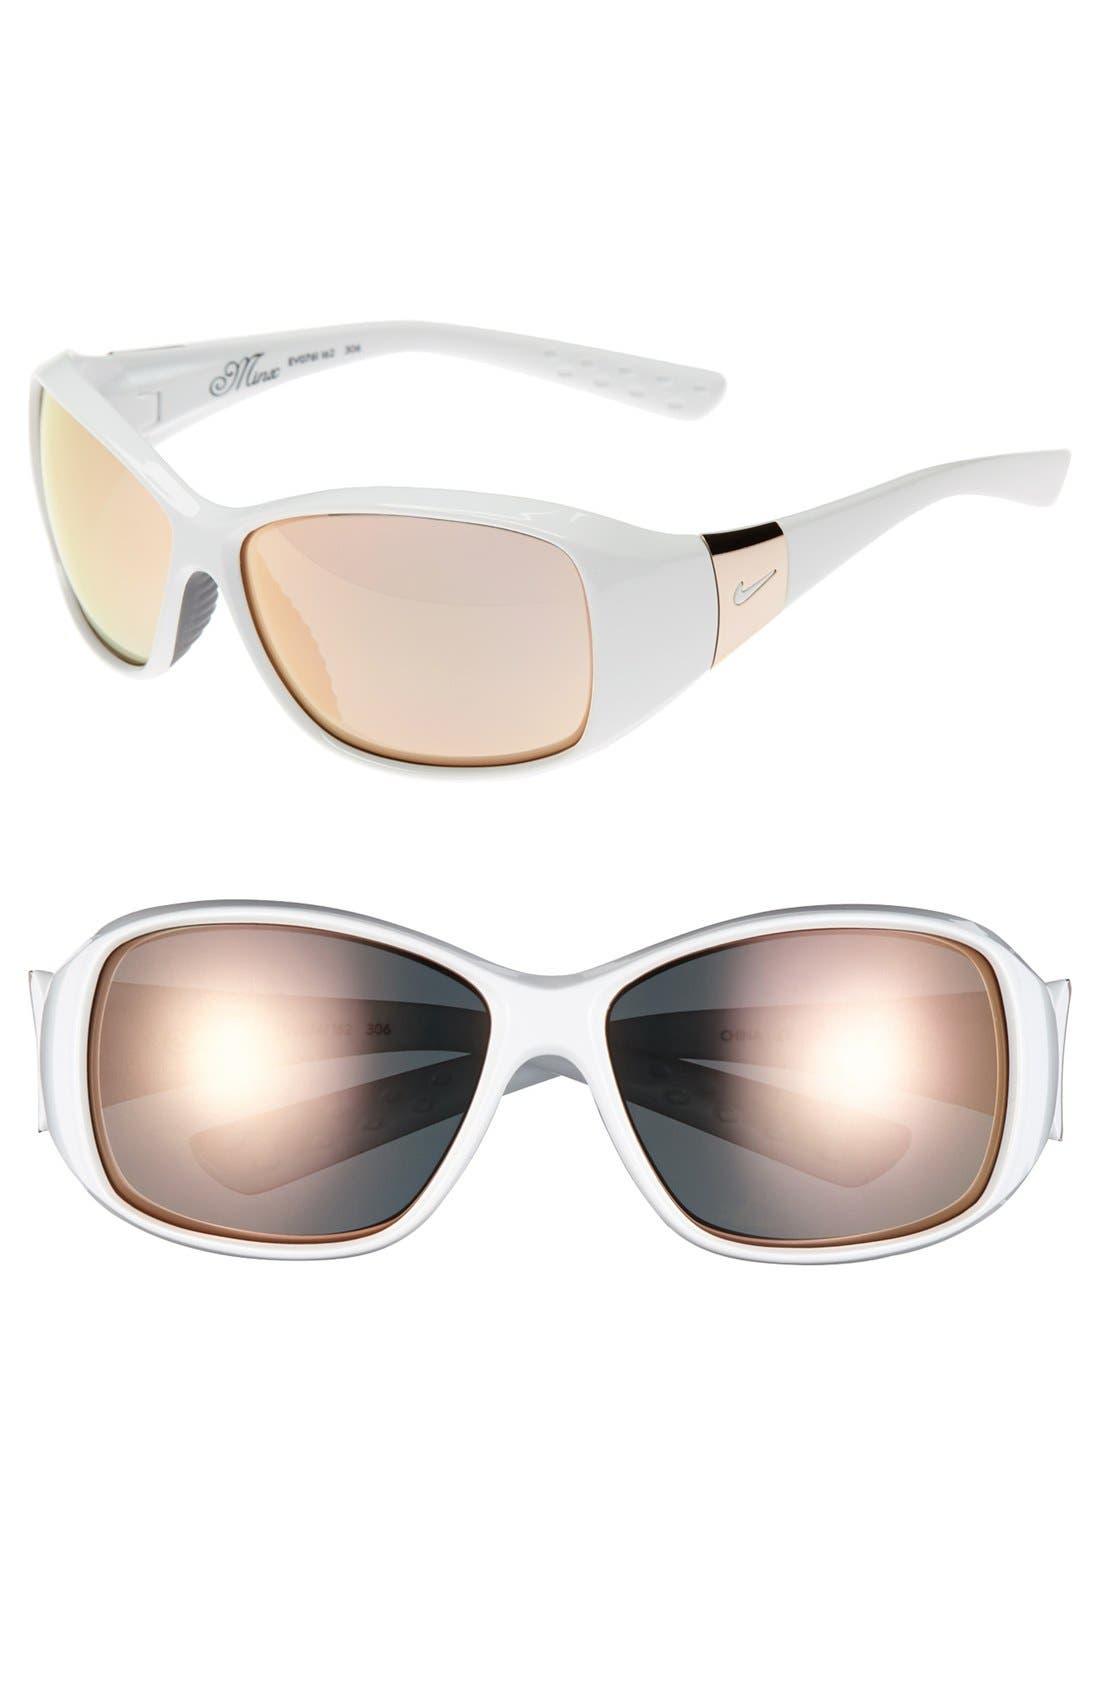 Alternate Image 1 Selected - Nike 'Minx' Sunglasses